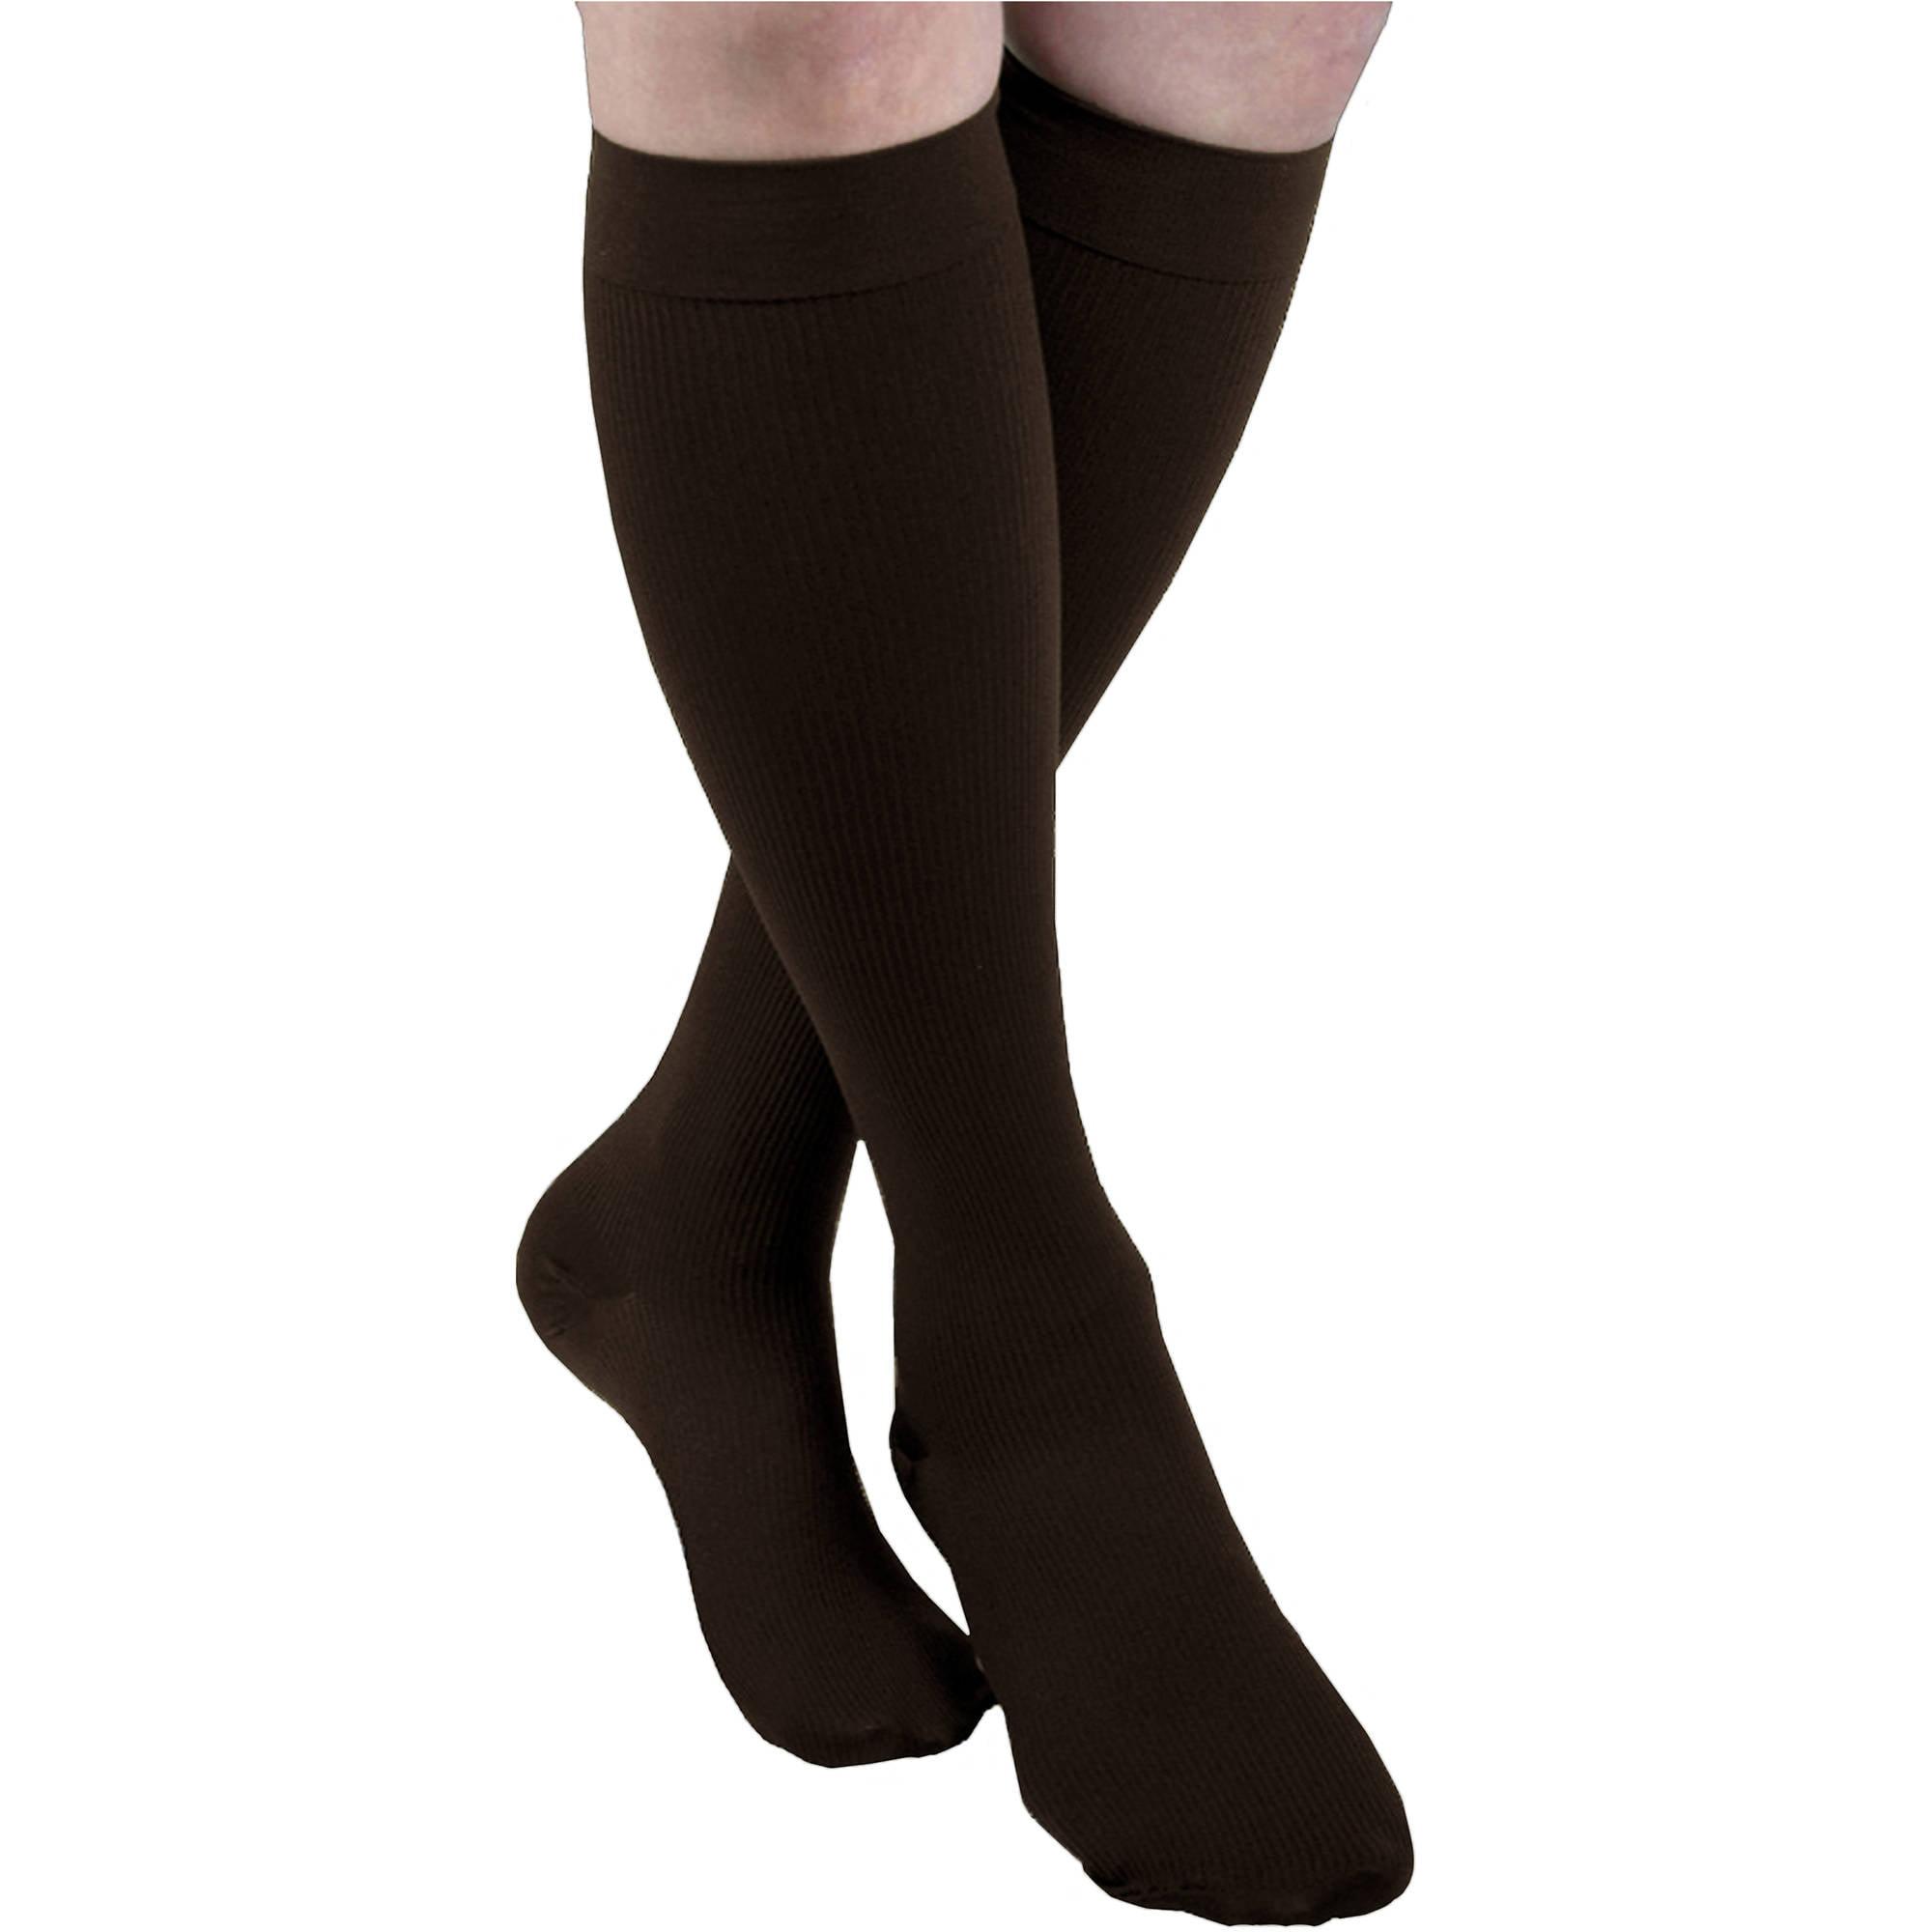 4b6aab5d05 Maxar Brown Small Mens Trouser Support Compression Socks – Walmart ...